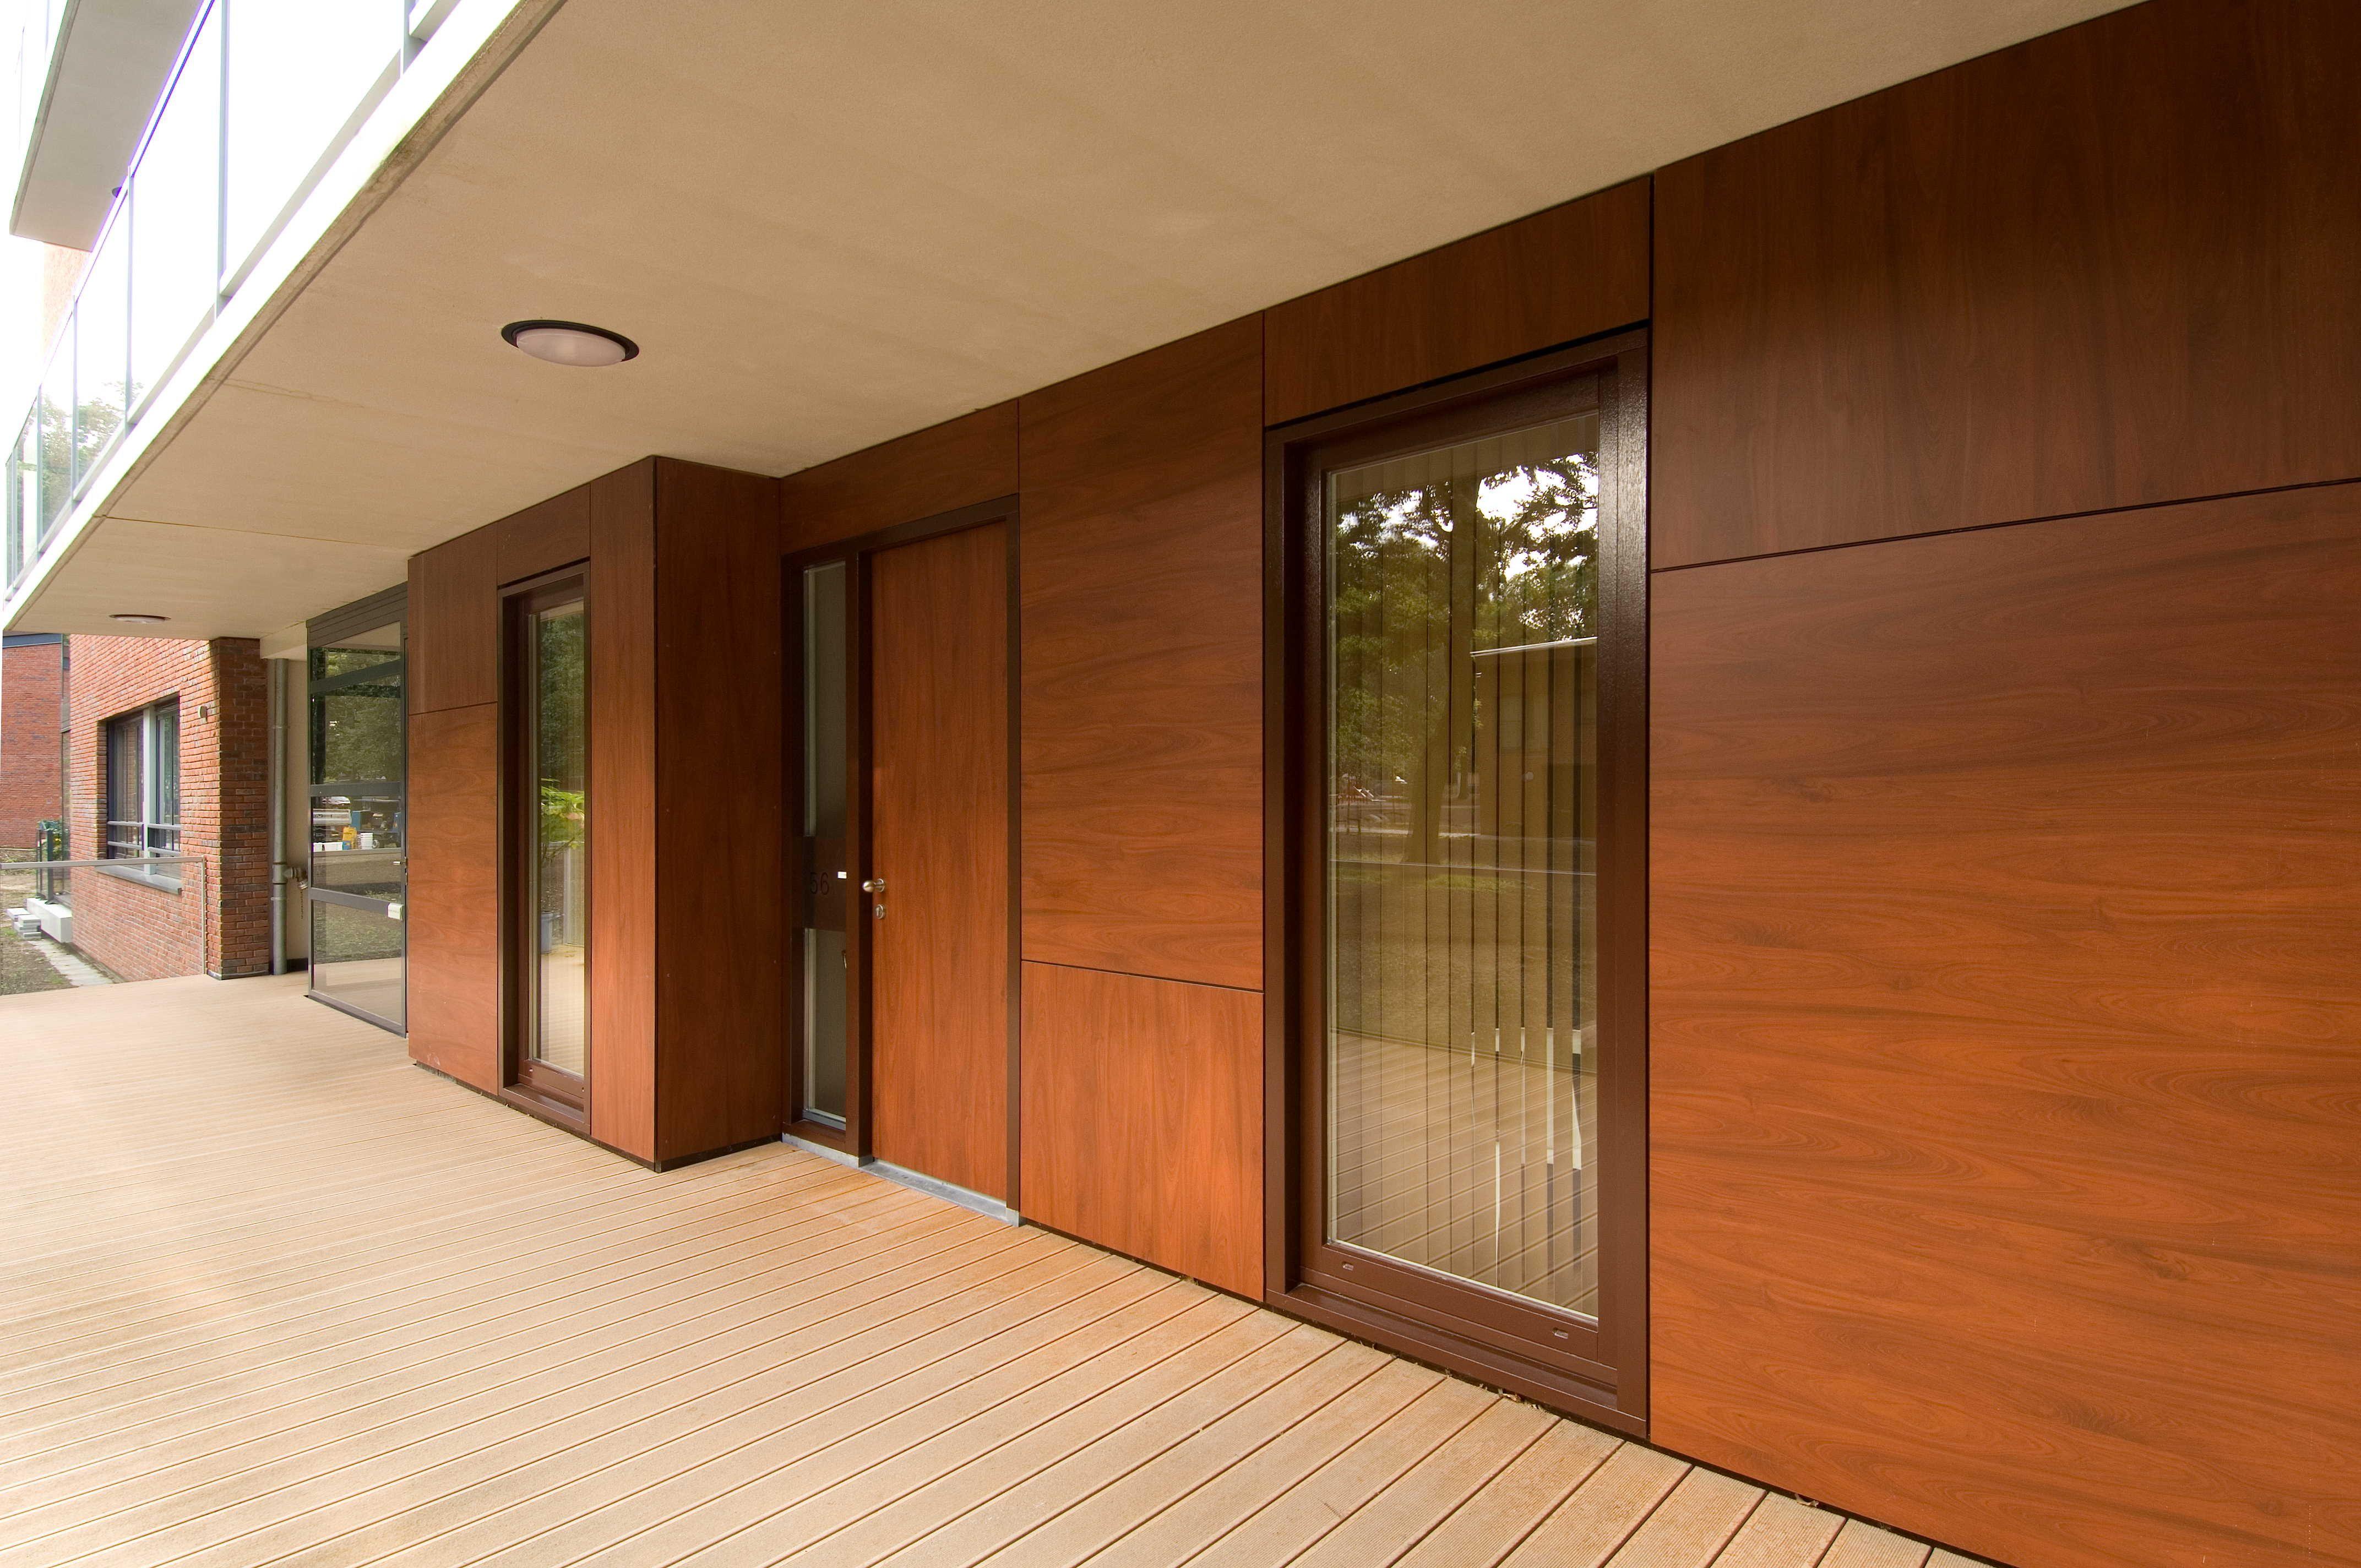 Tussen De Lanen Complex In Doorwerth Netherlands Trespa Meteon Wood Decors Pinterest